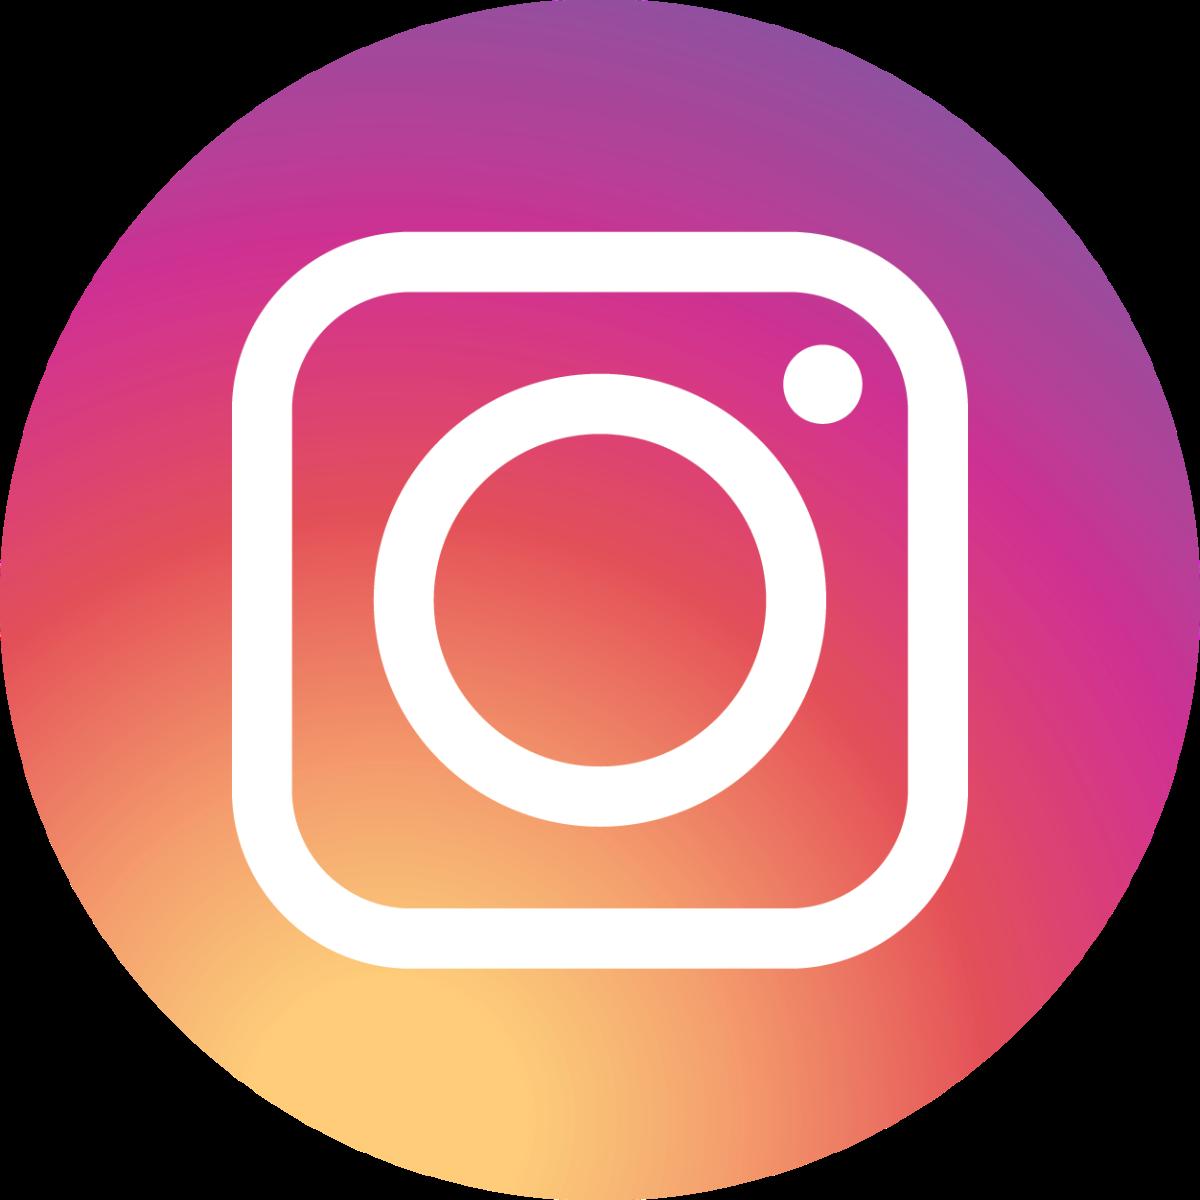 Insignia Instagram